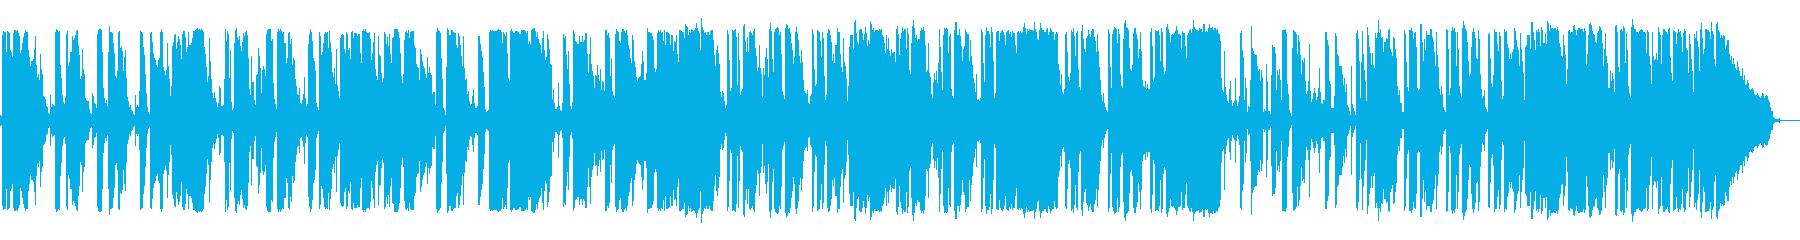 ヘヴィロック センチメンタル 感情...の再生済みの波形